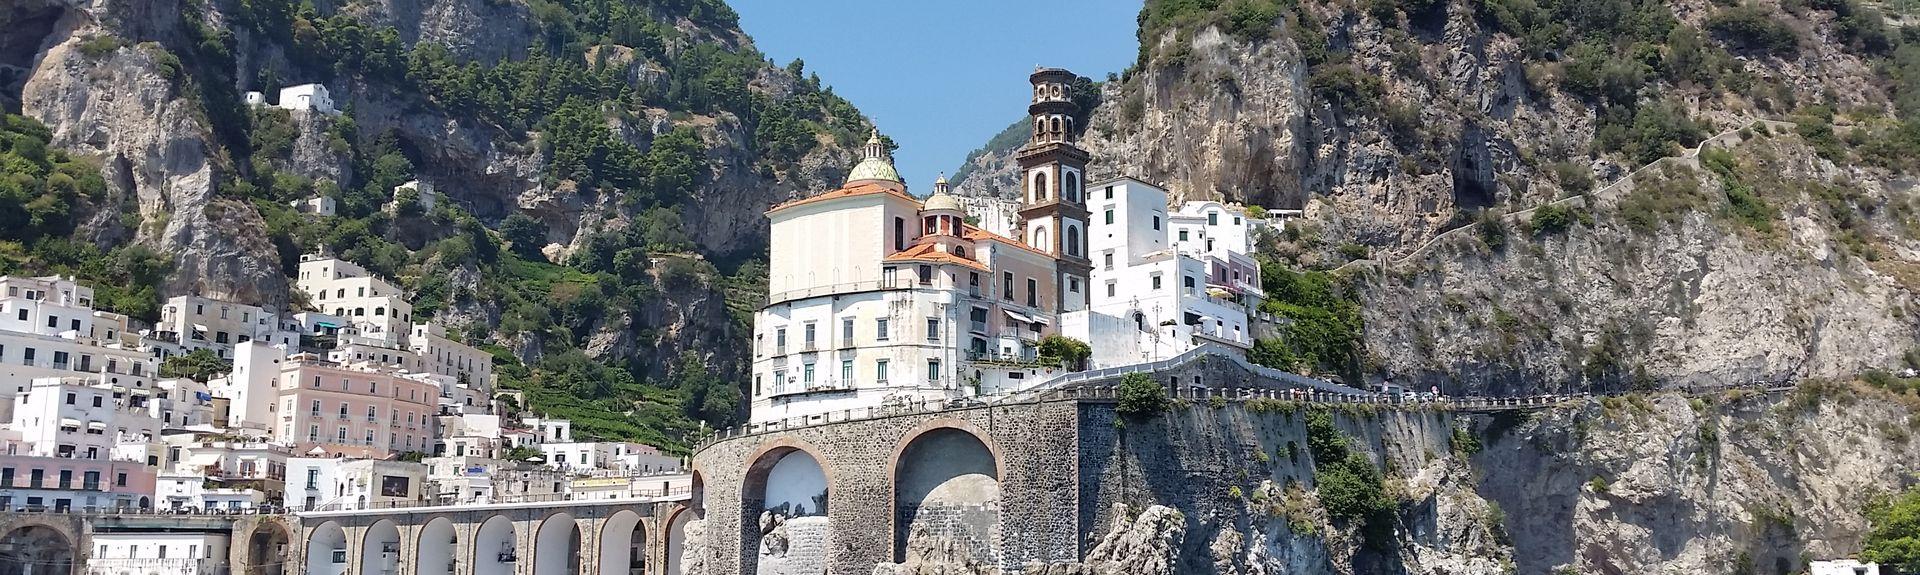 San Valentino Torio, Salerno, Campania, Italy